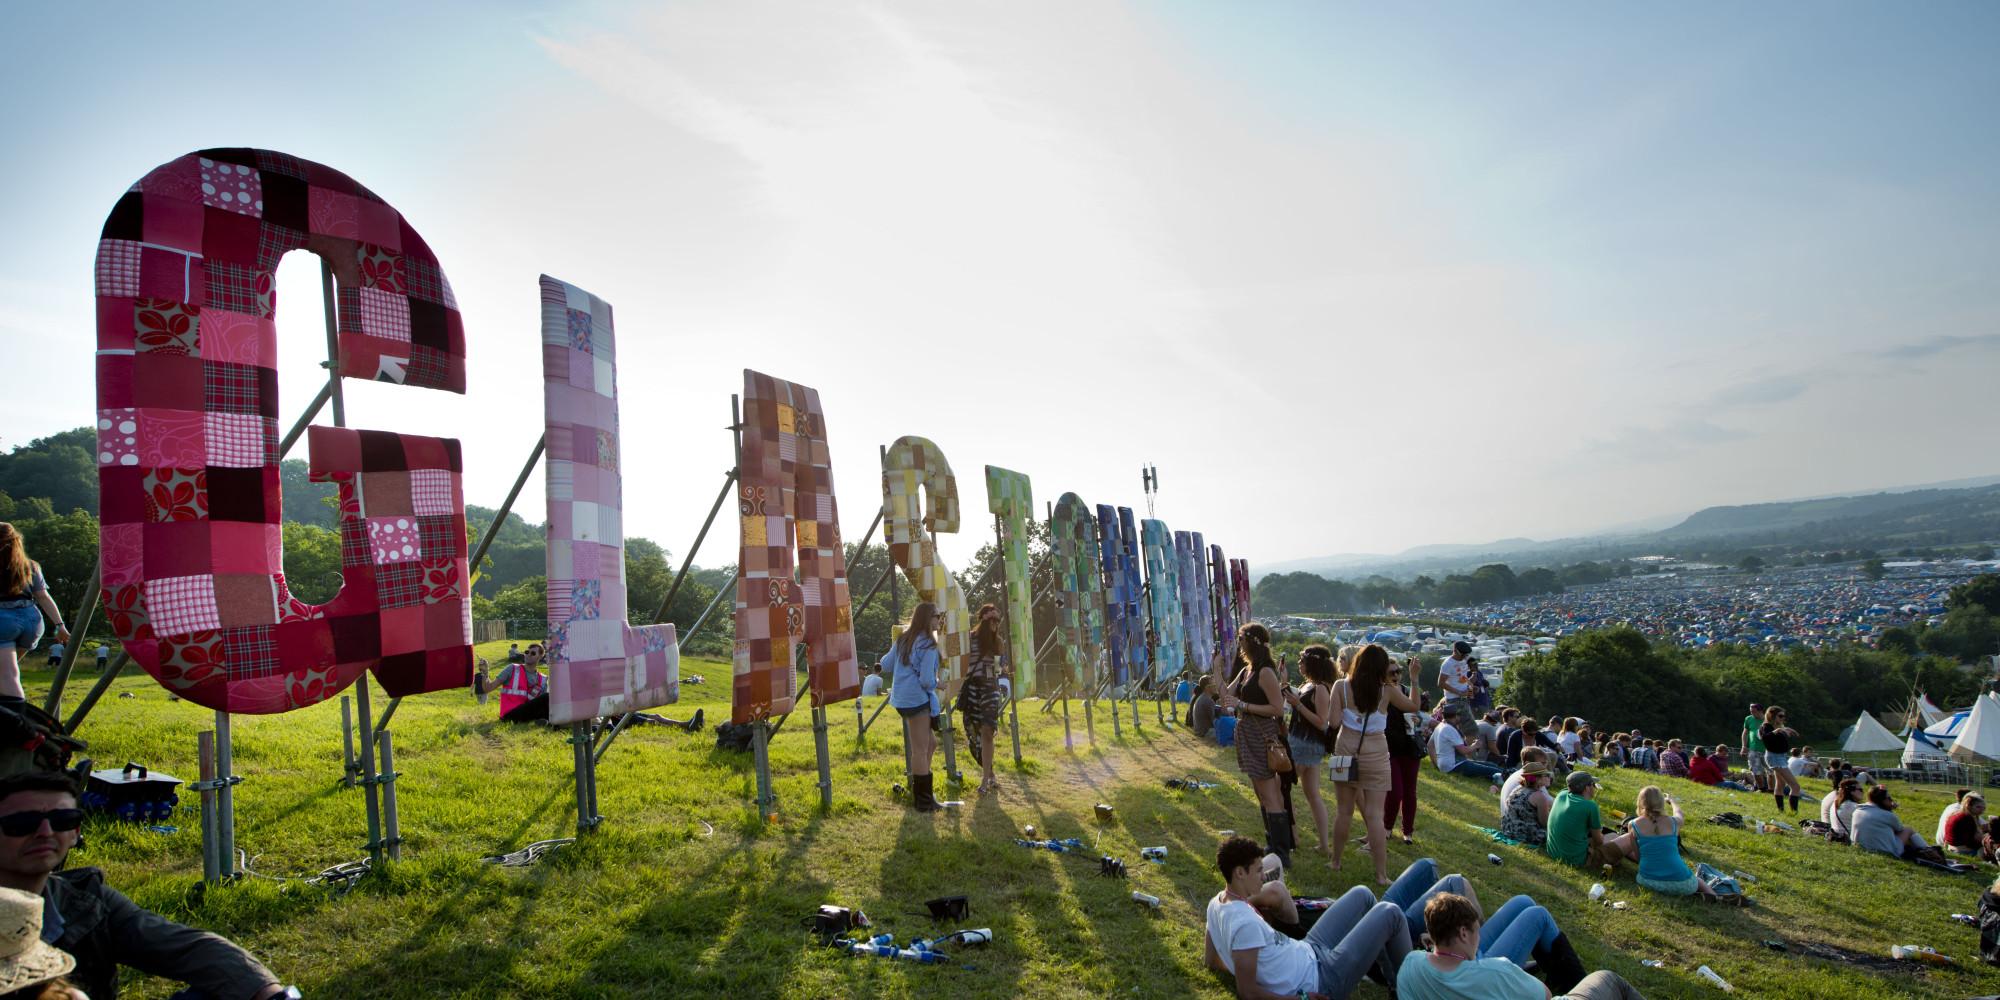 Glastonbury Festival 2013 - Day 1